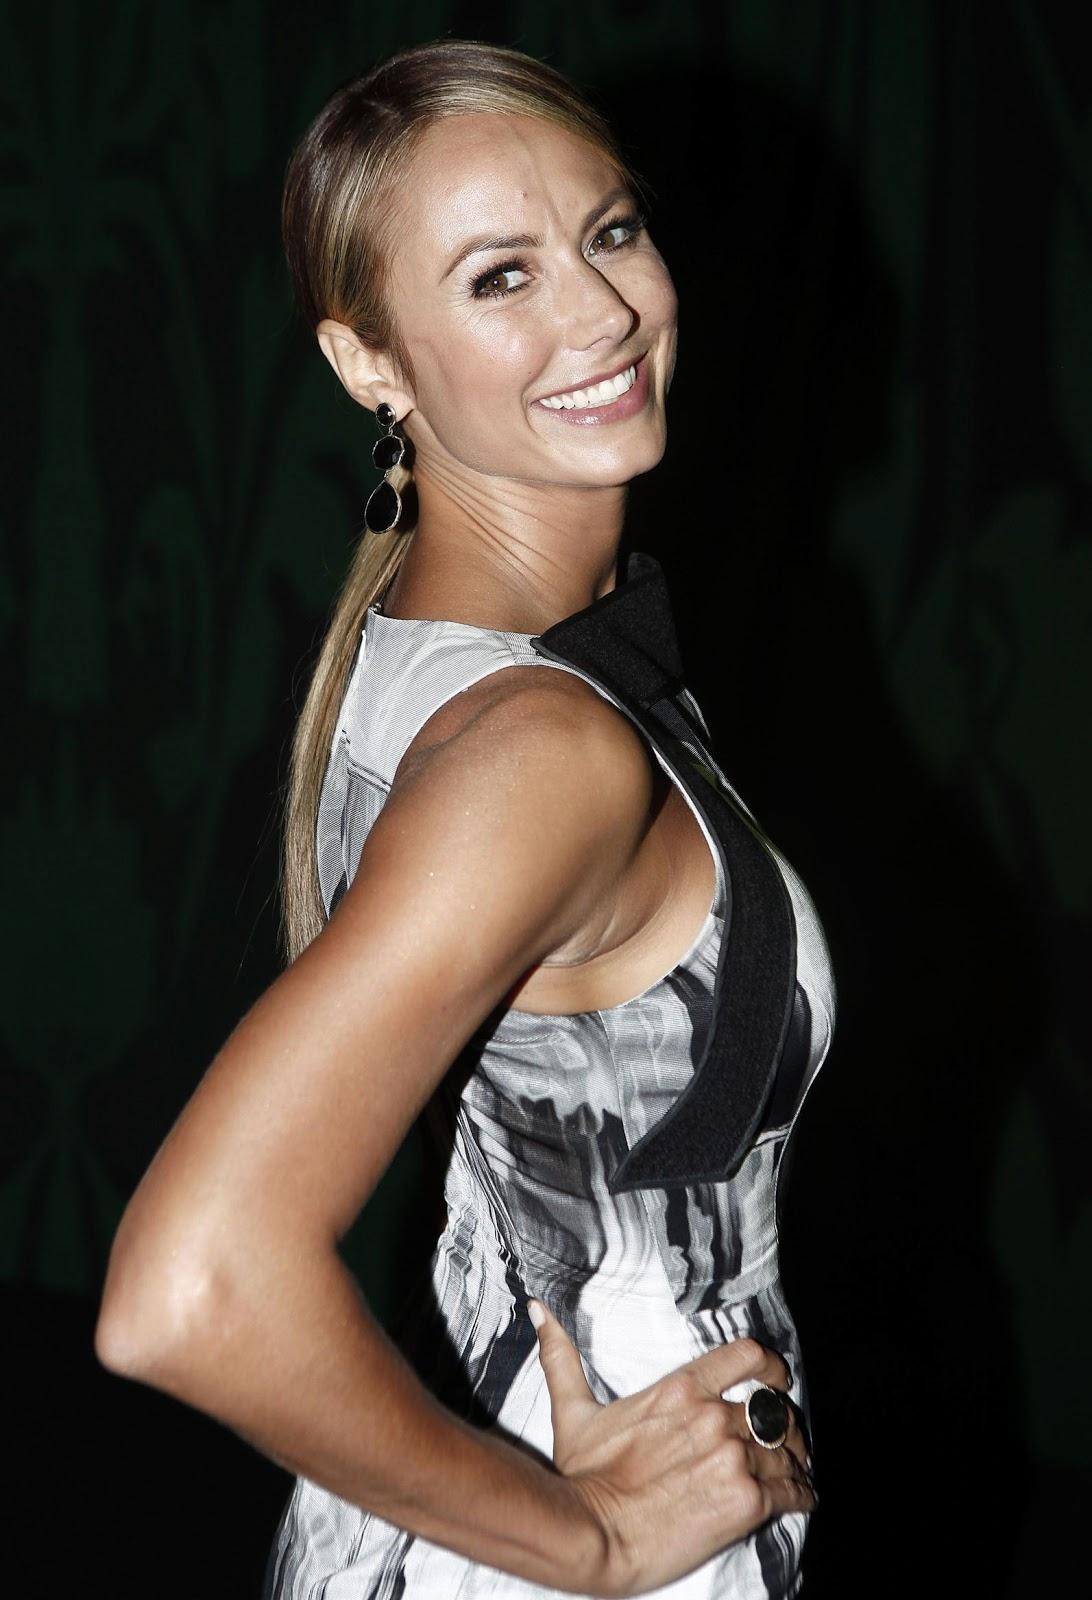 http://4.bp.blogspot.com/-Vs6AxYkC7BY/UYYJEX3EkPI/AAAAAAAAGNU/PN5t7-aV1Js/s1600/Stacy-Keibler-%283%29.jpeg